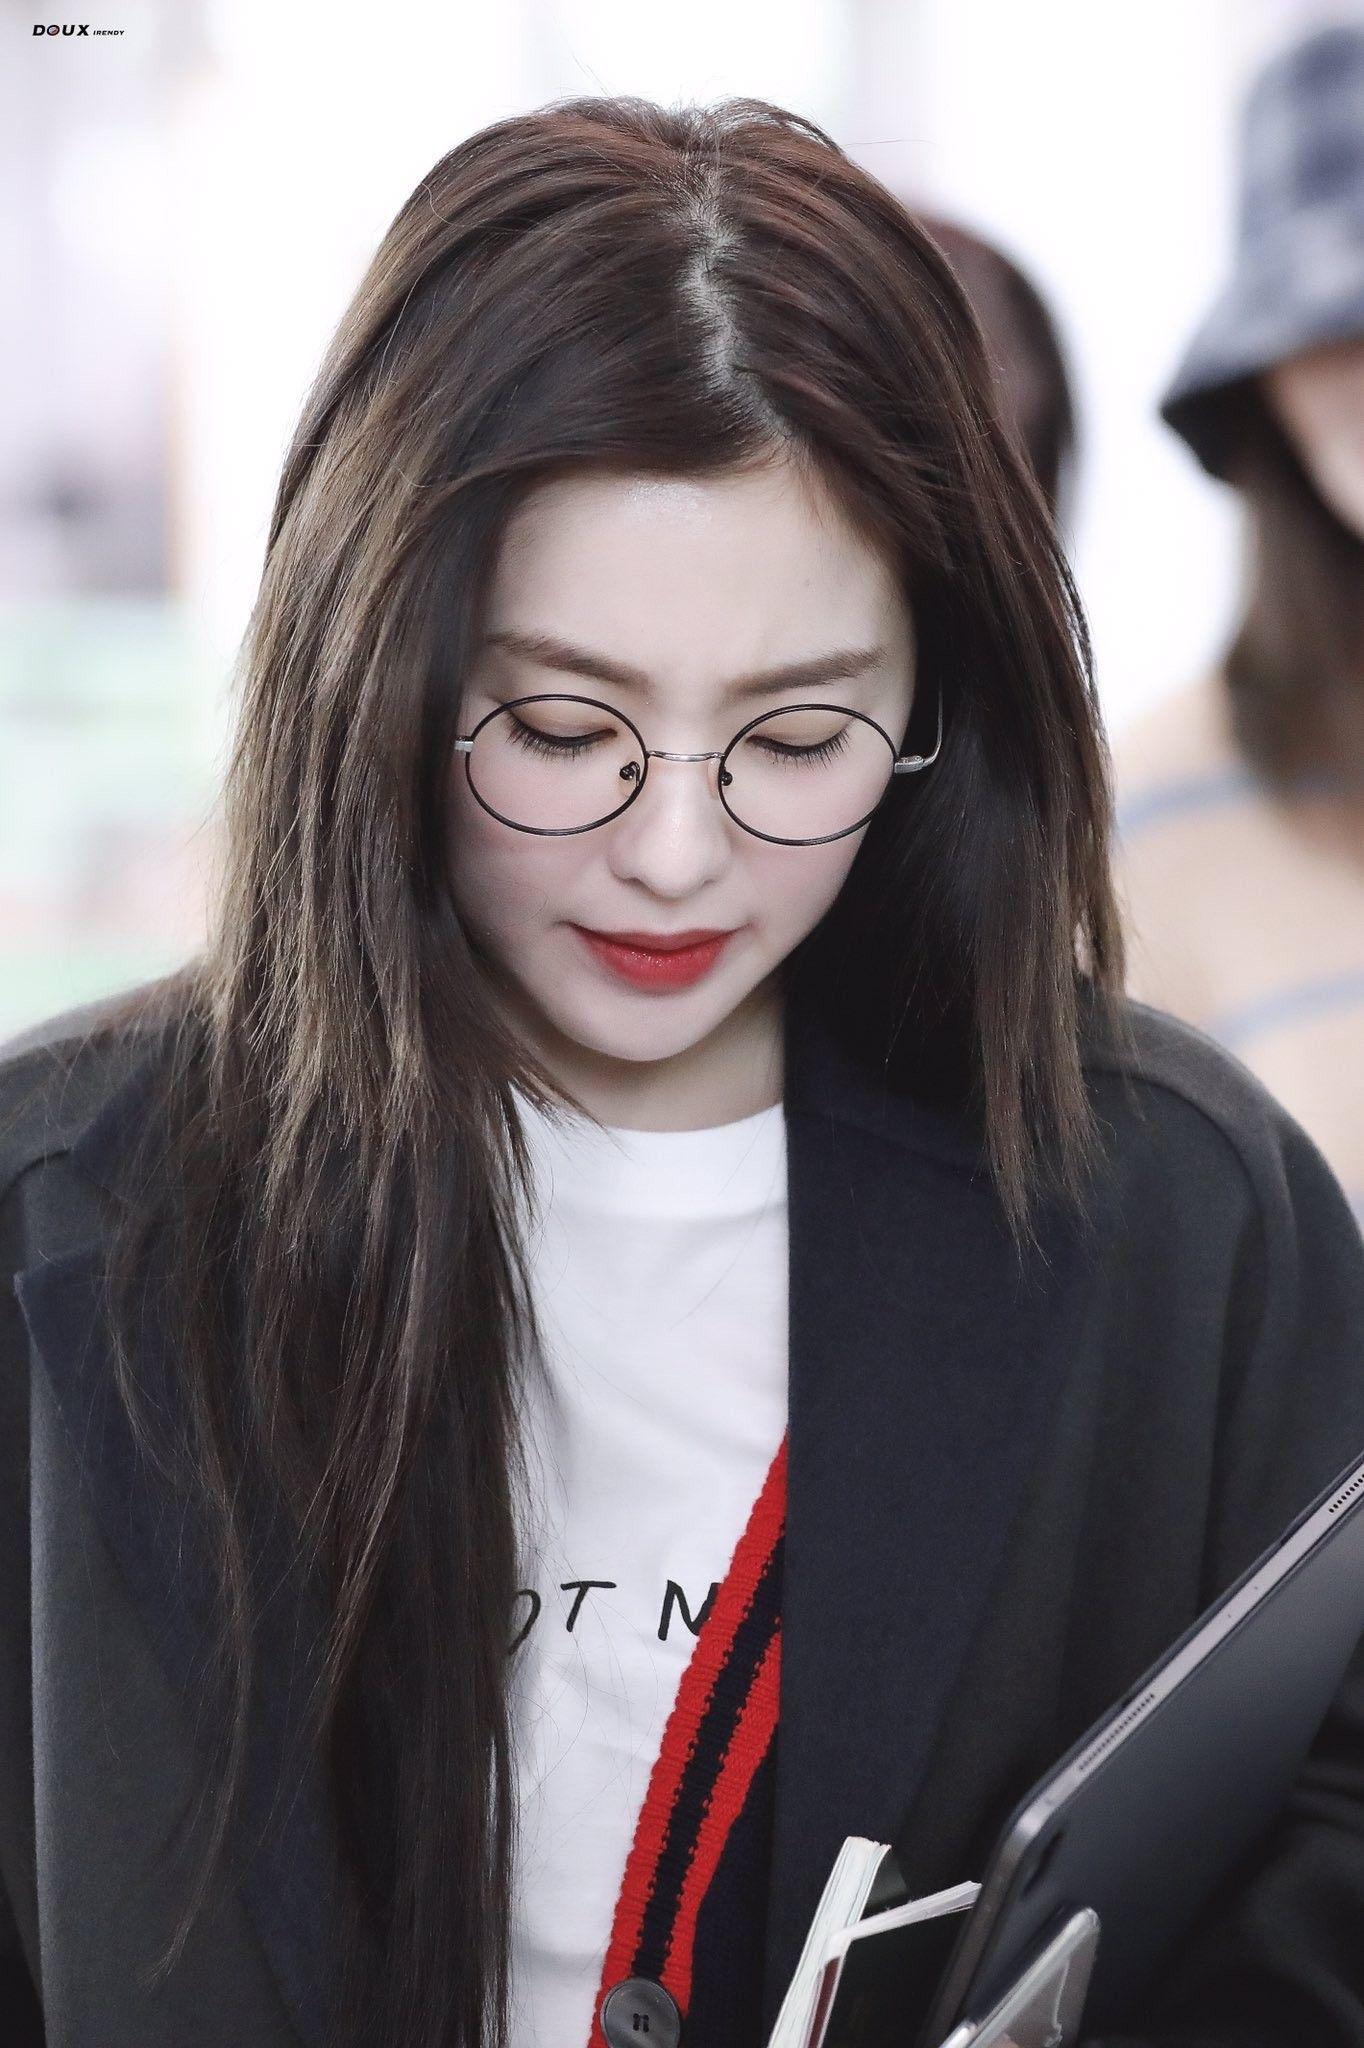 irene glasses 35